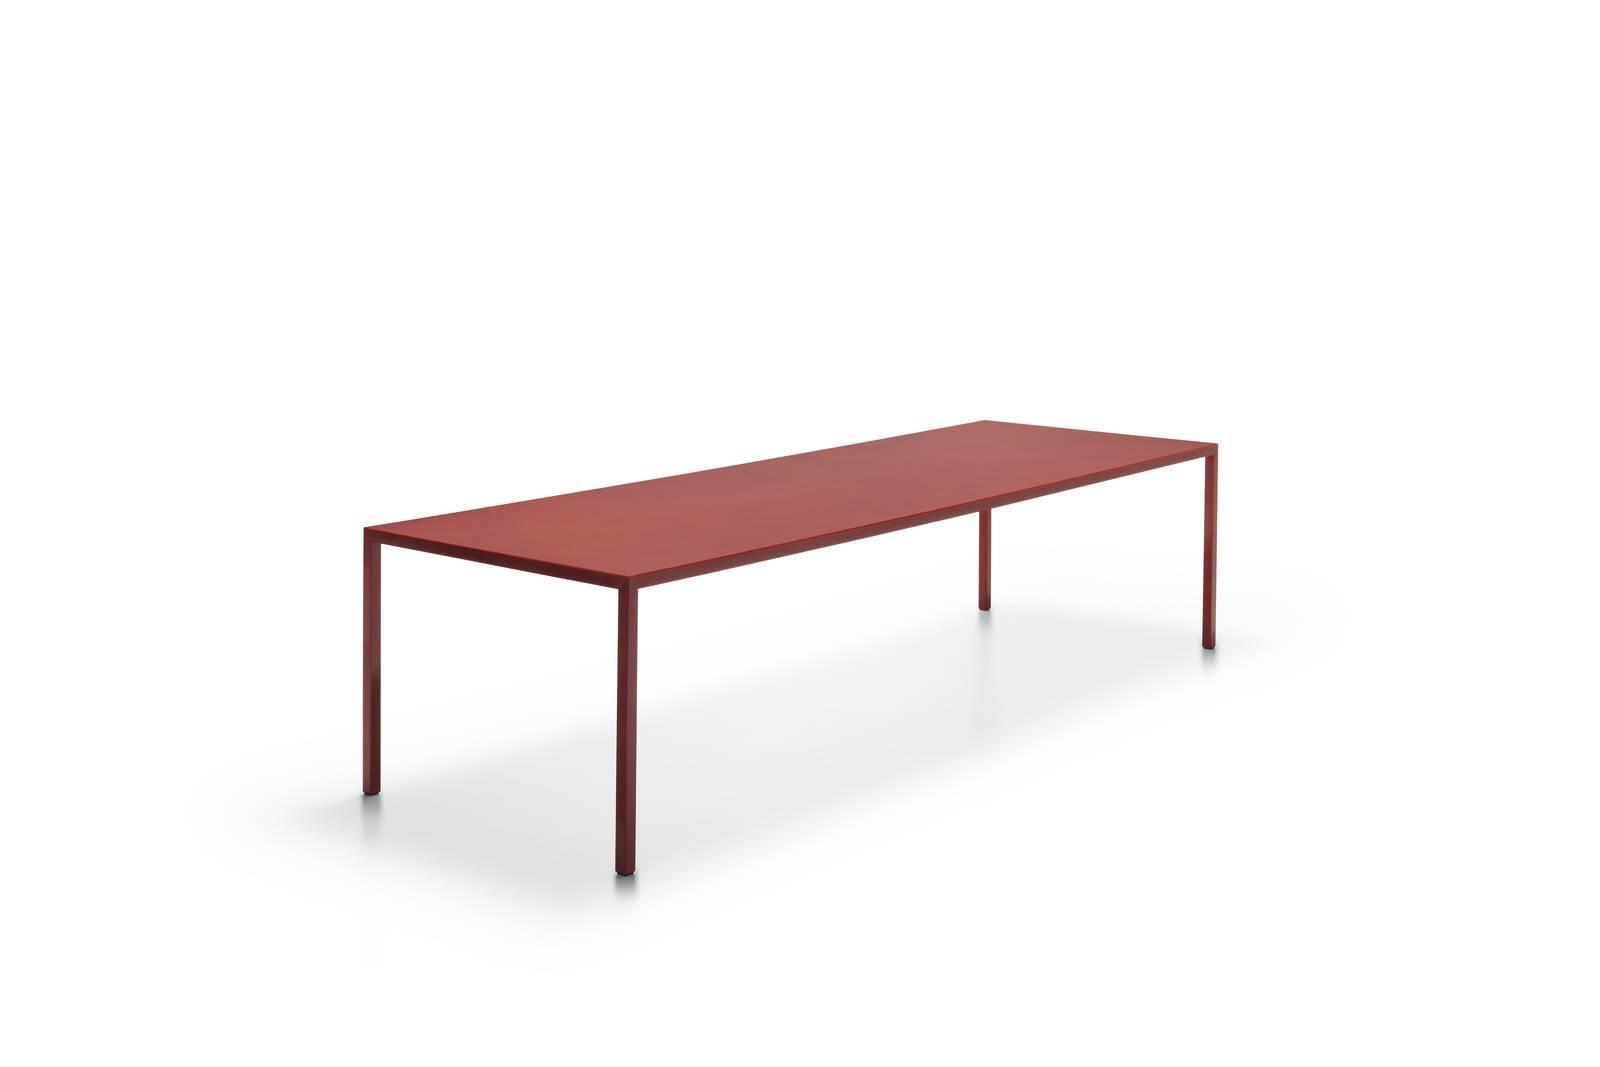 Tavolini Da Salotto Lago tavoli: al salone del mobile 2019, in competizione per